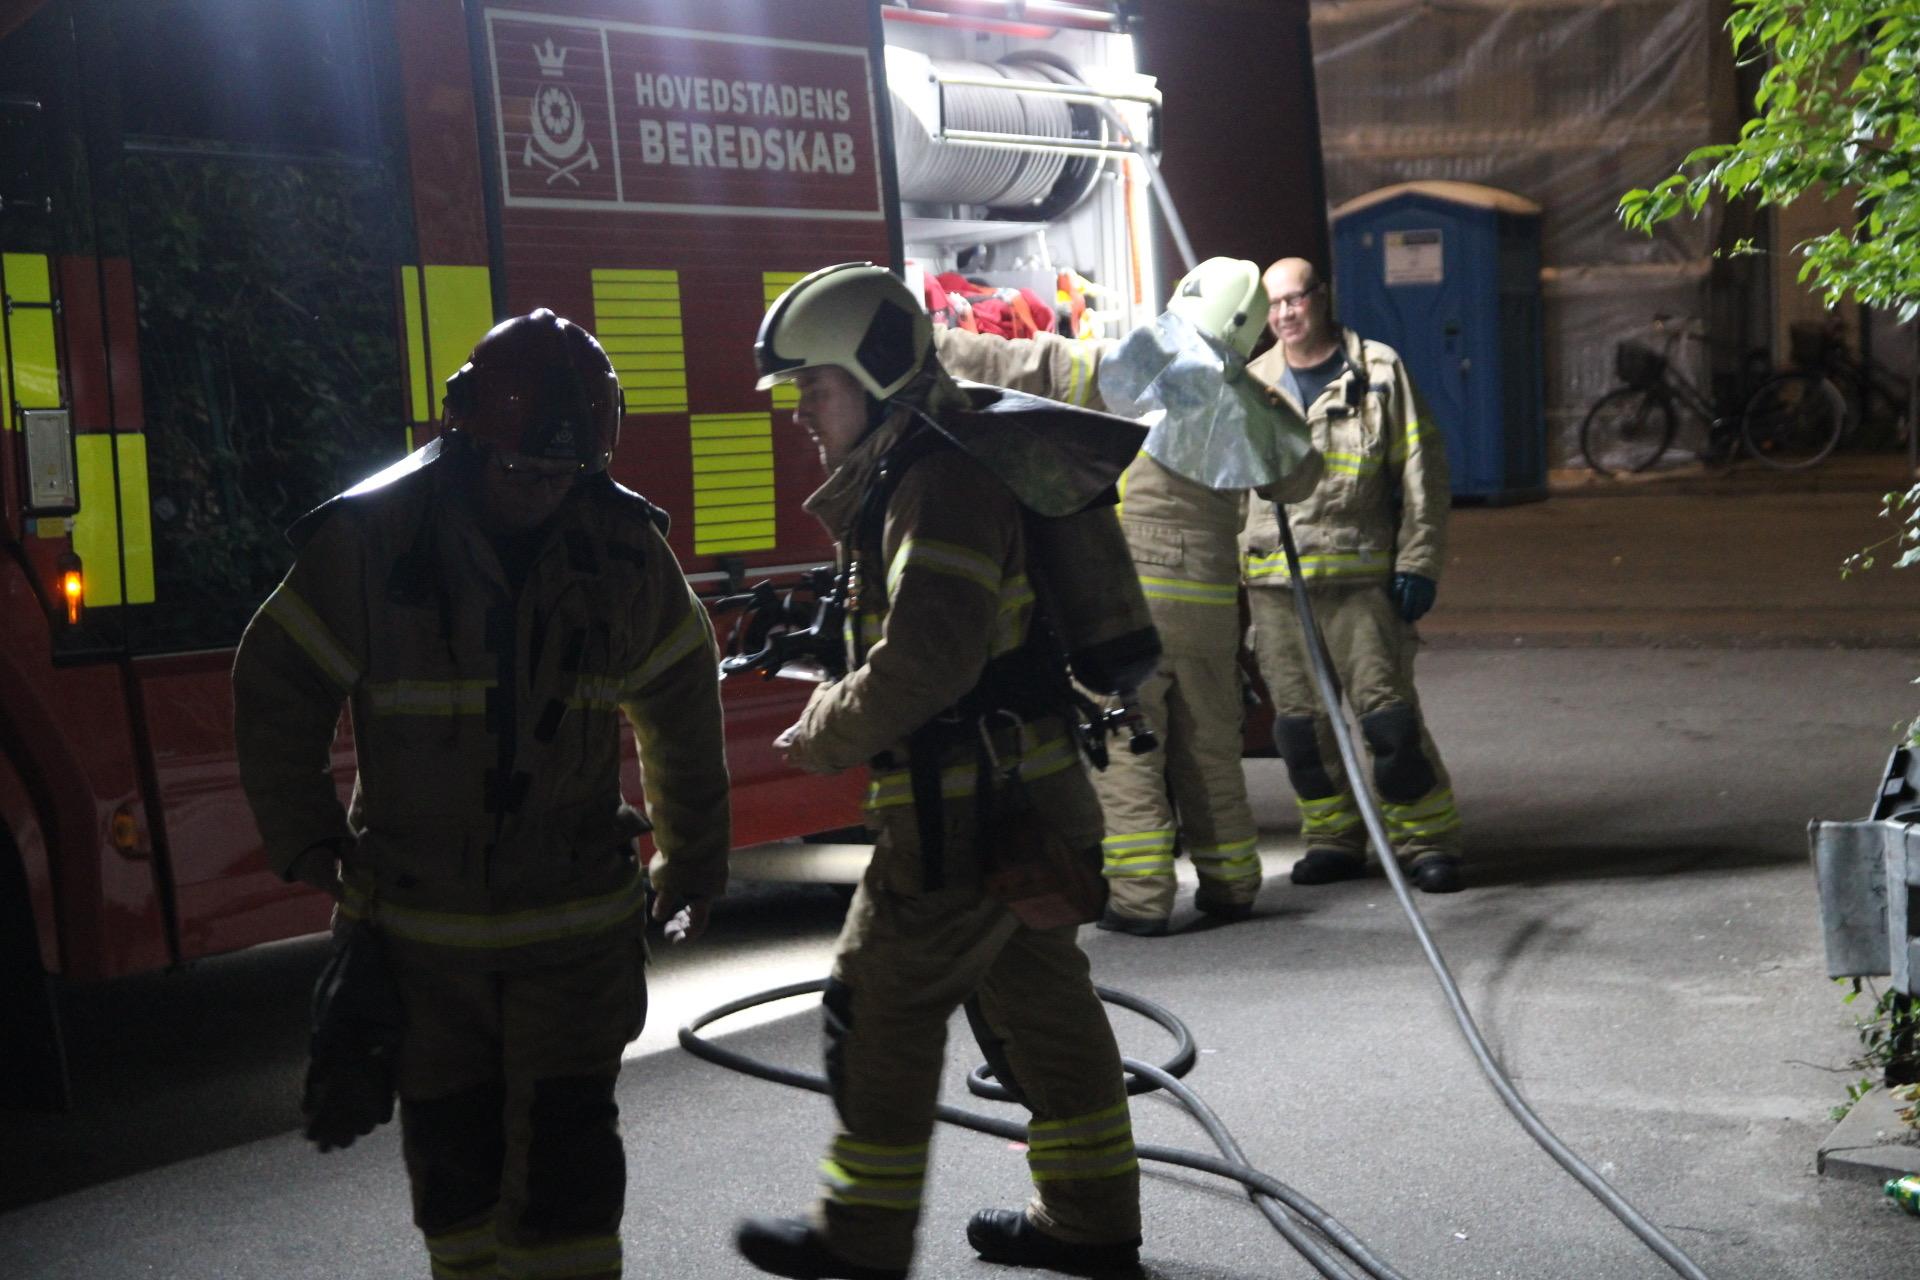 Bål startet i baggård - brandvæsnet tilkaldt